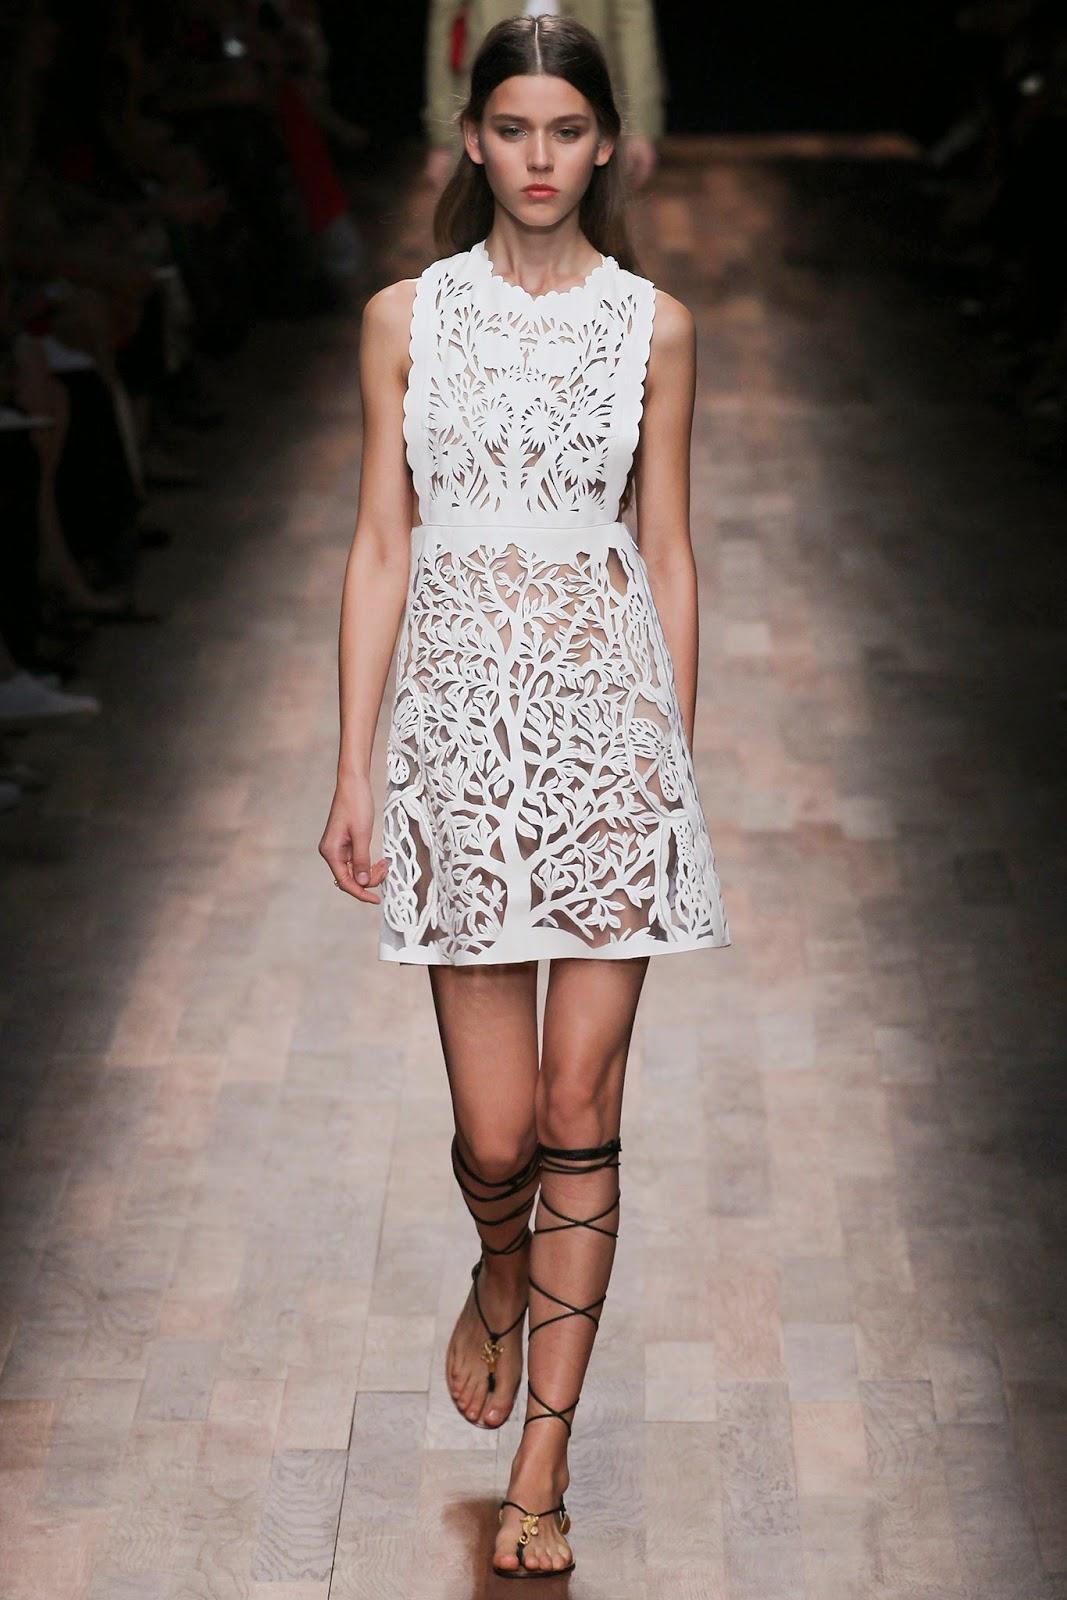 valentino 2015 summer 2016 trend women dress ilkbaharyaz Valentino 2015 samling, våren sommaren 2016 Valentino klänning modeller, Valentino kväll klänning nya säsongen kvinnors kjolar modeller